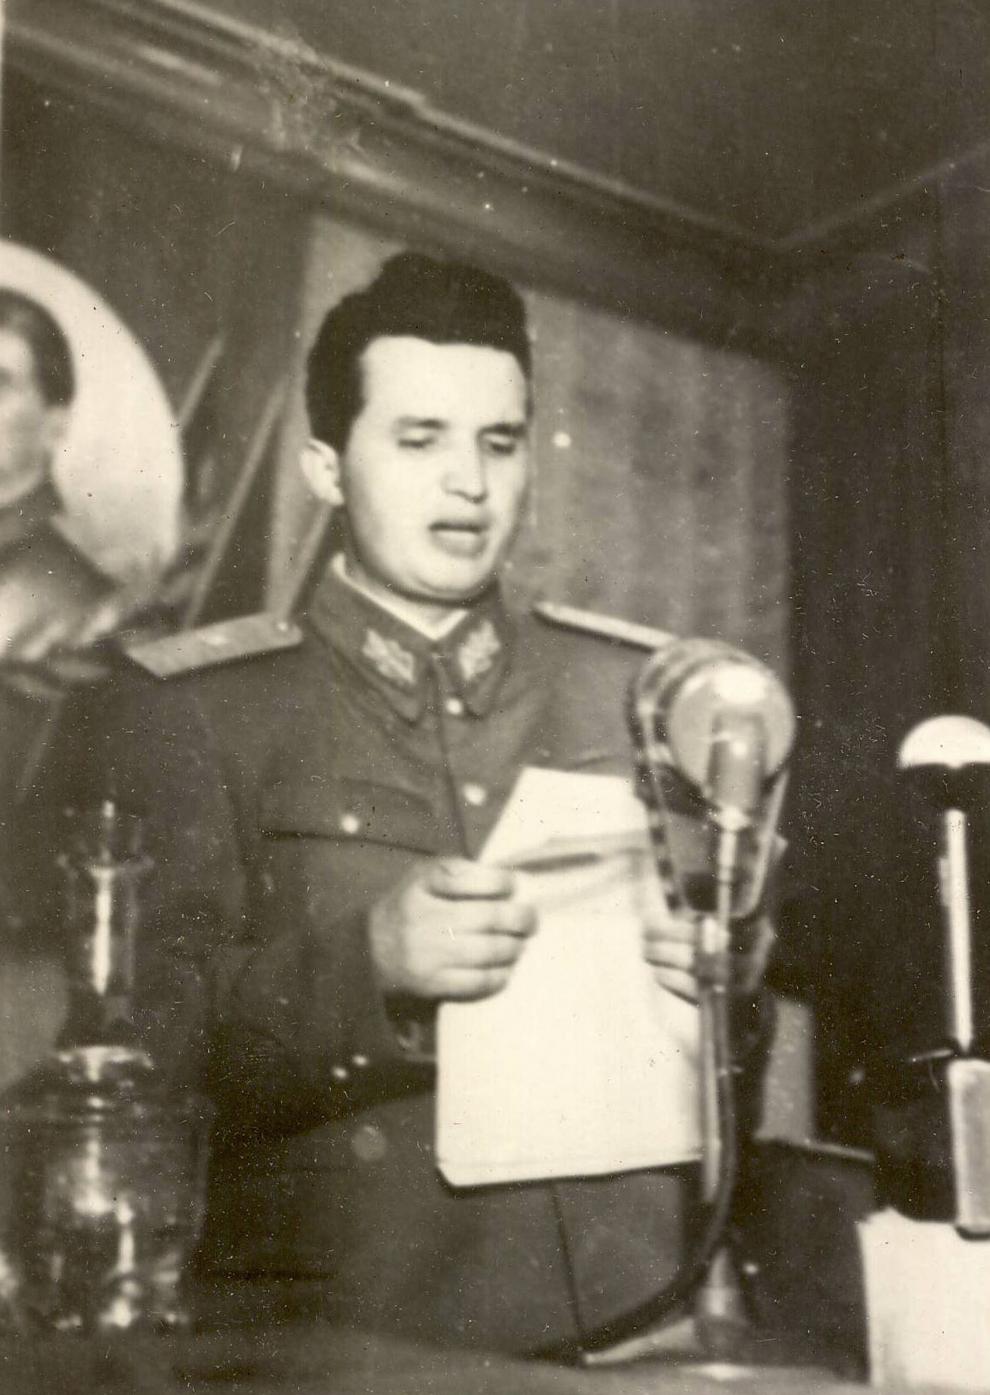 9 mai 1950. Cuvântarea lui Nicolae Ceauşescu cu prilejul sărbătoririi Zilei Victoriei şi Independenţei Naţionale. (Ateneul R.P.R.) (1950).